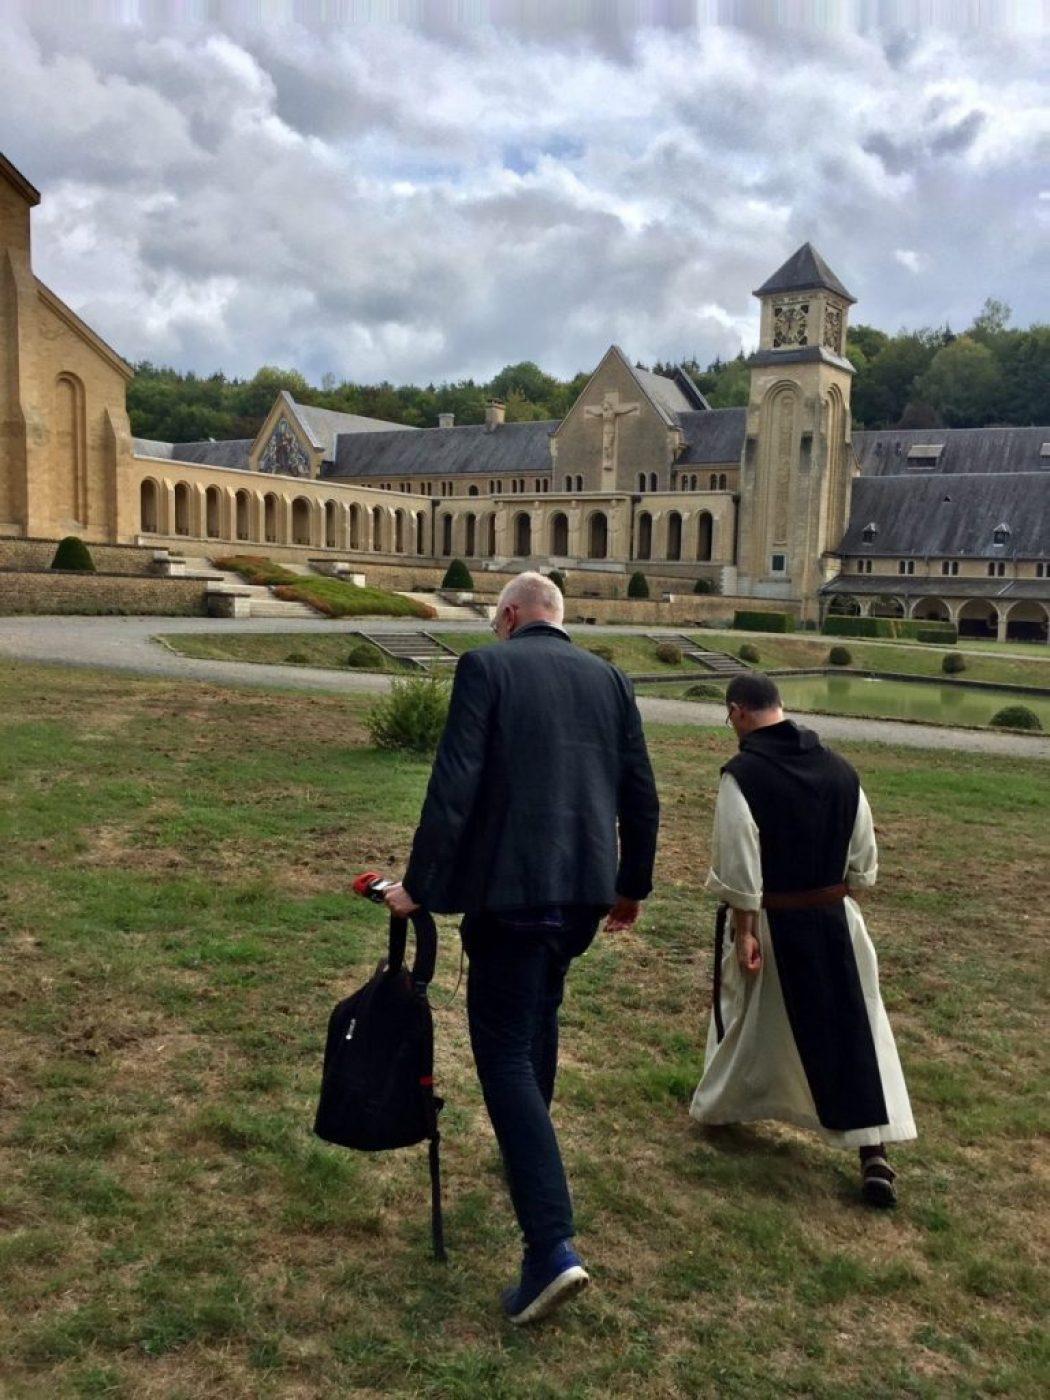 kloster interview für radio luxemburg